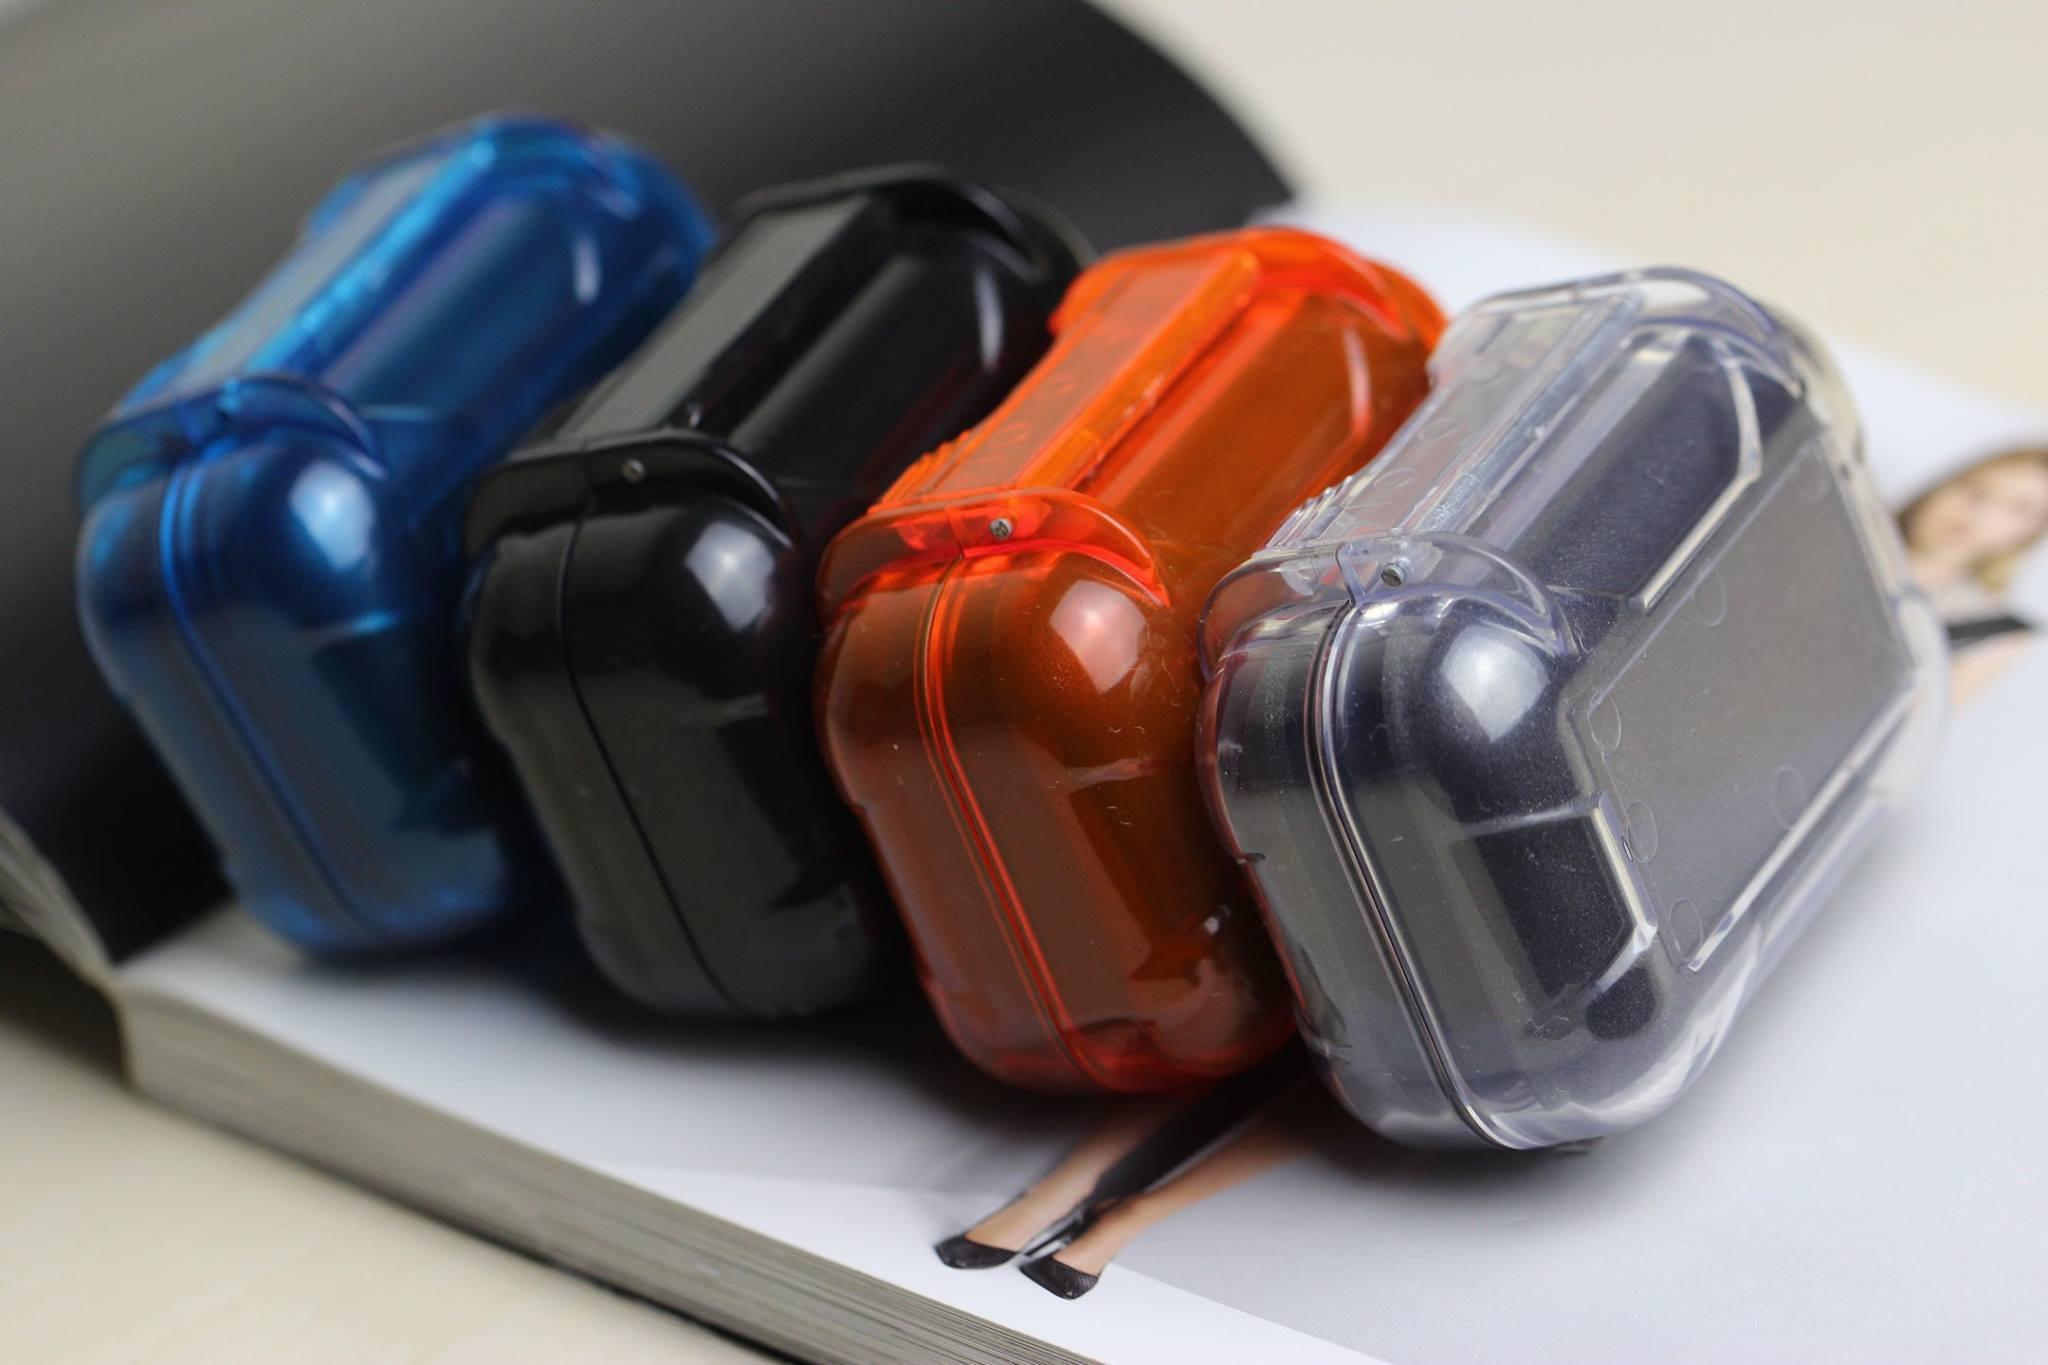 ขาย เคสกันน้ำ X-Tips เคสใสกันกระแทกสำหรับหูฟัง เกรดพรีเมี่ยม ราคาเพียง 390